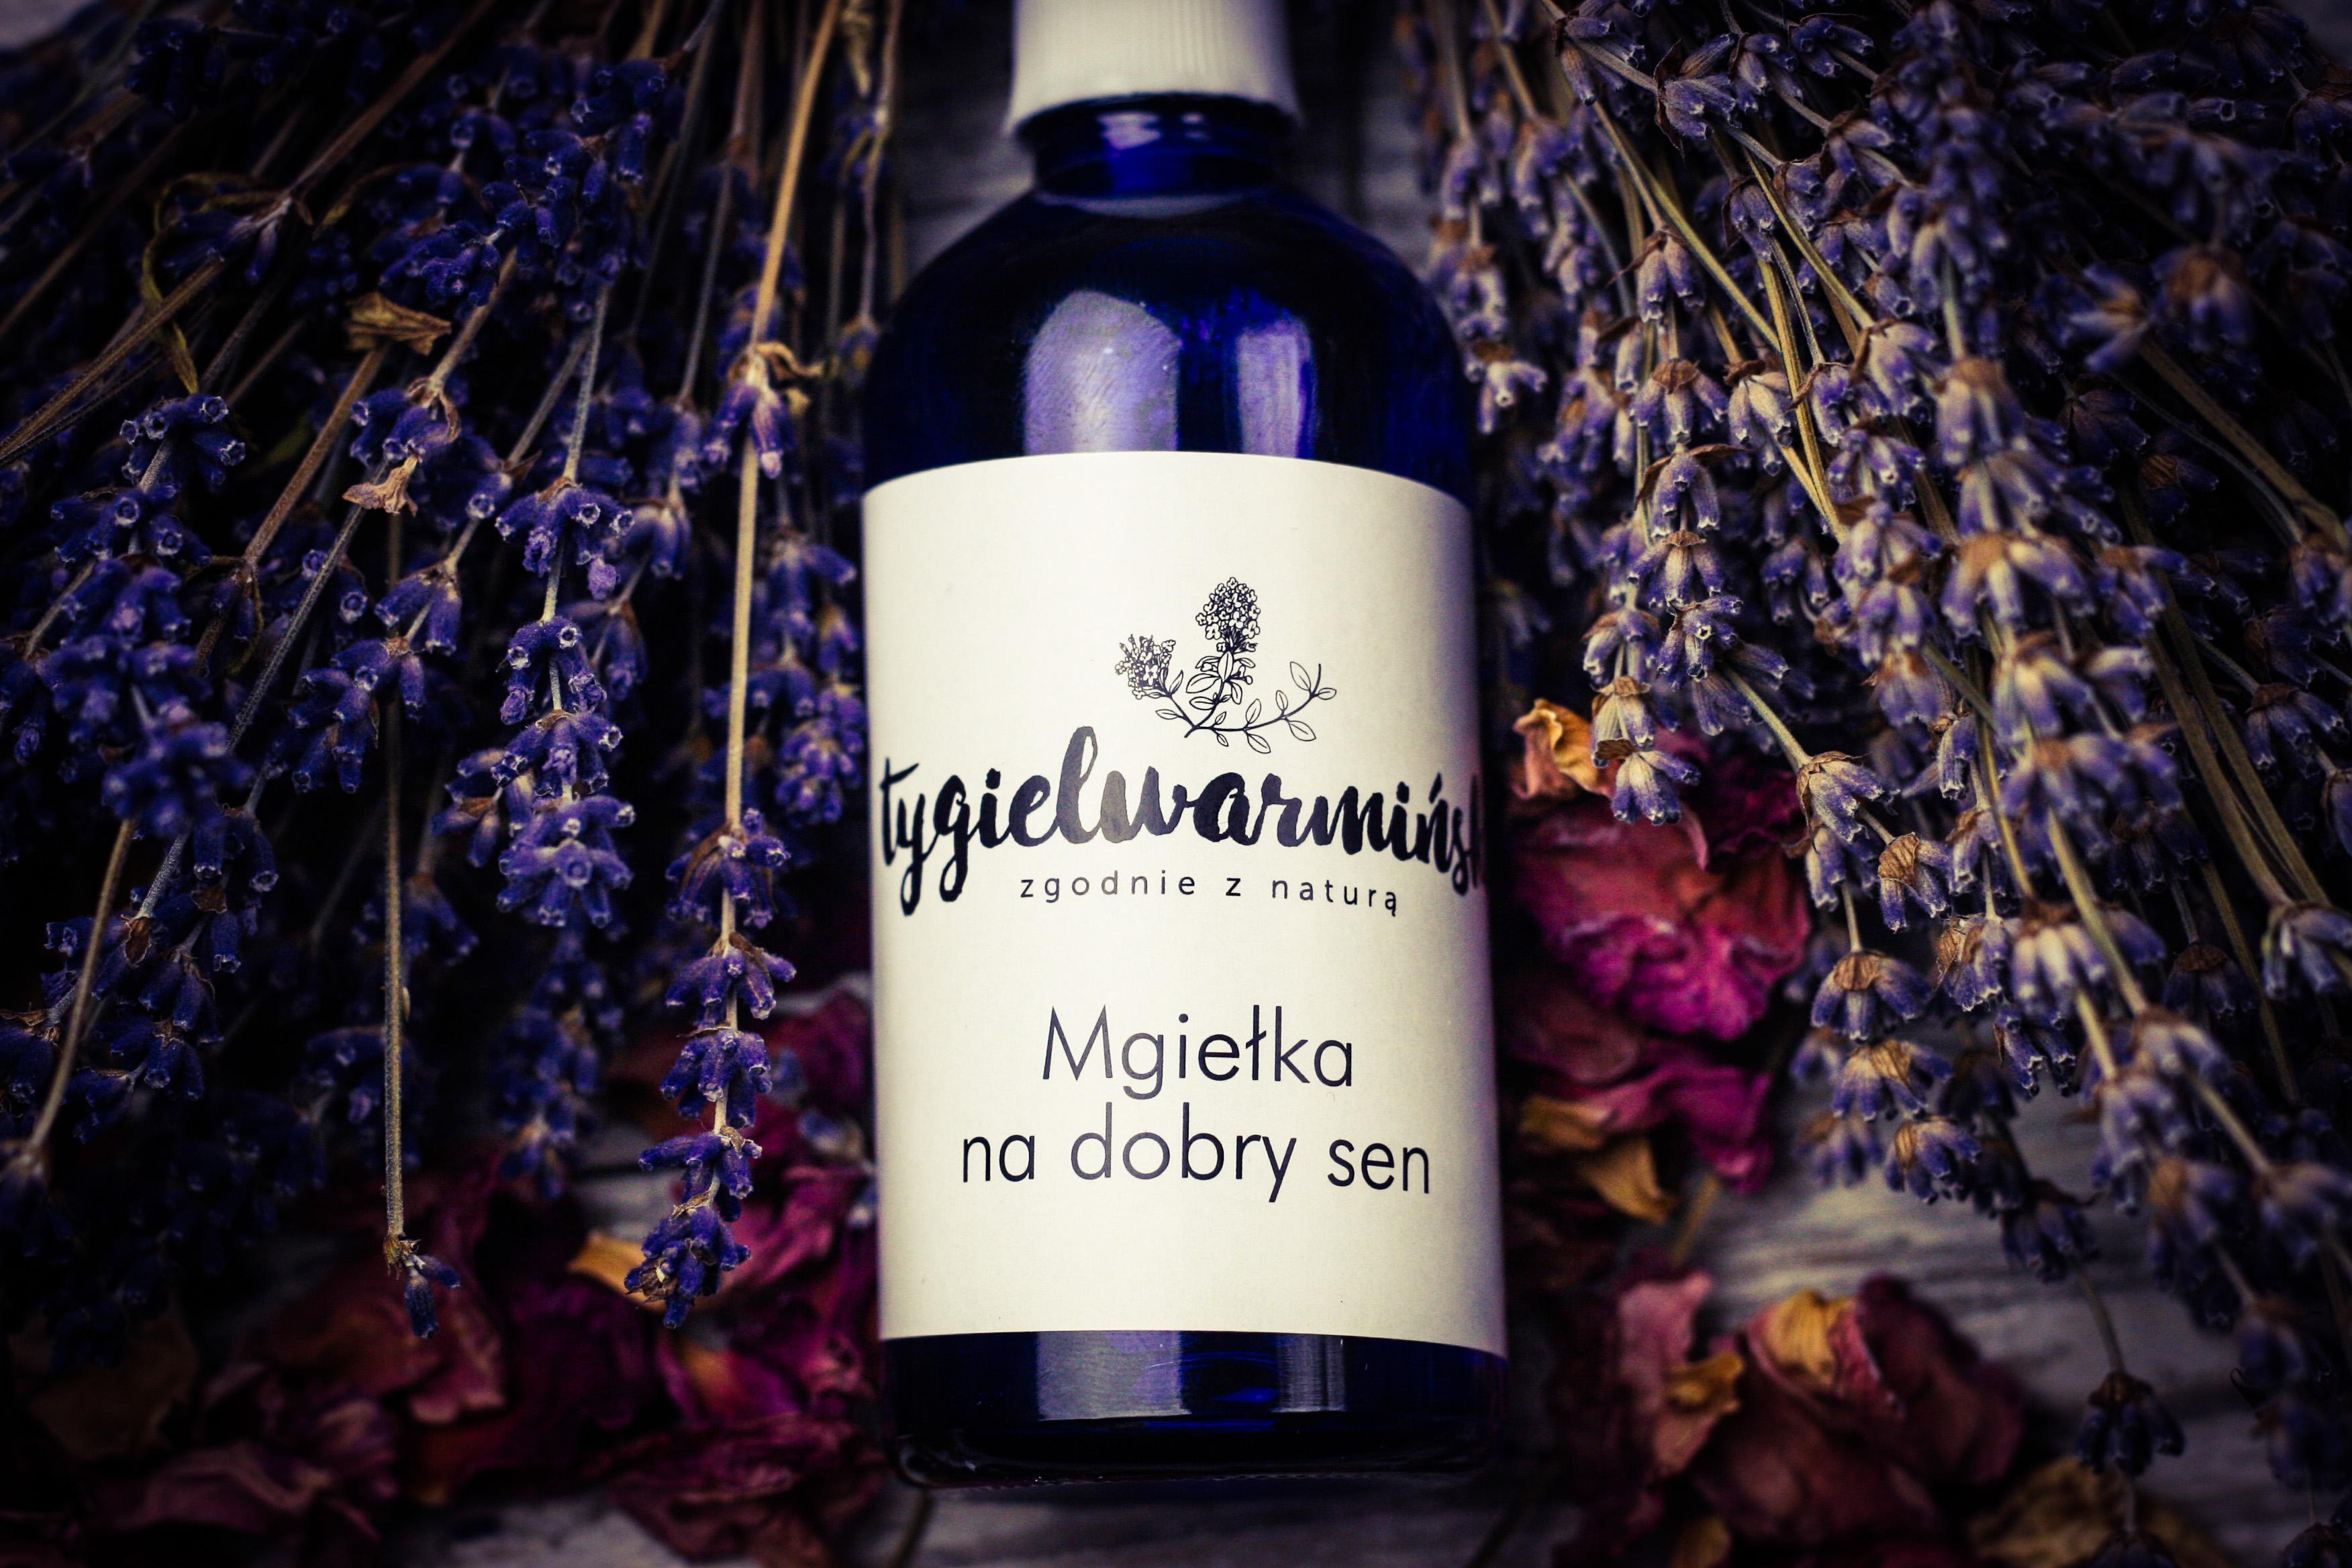 Mgiełka na Dobry Sen aromaterapeutyczny spray ułatwiający zasypianie - Tygiel  Warmiński